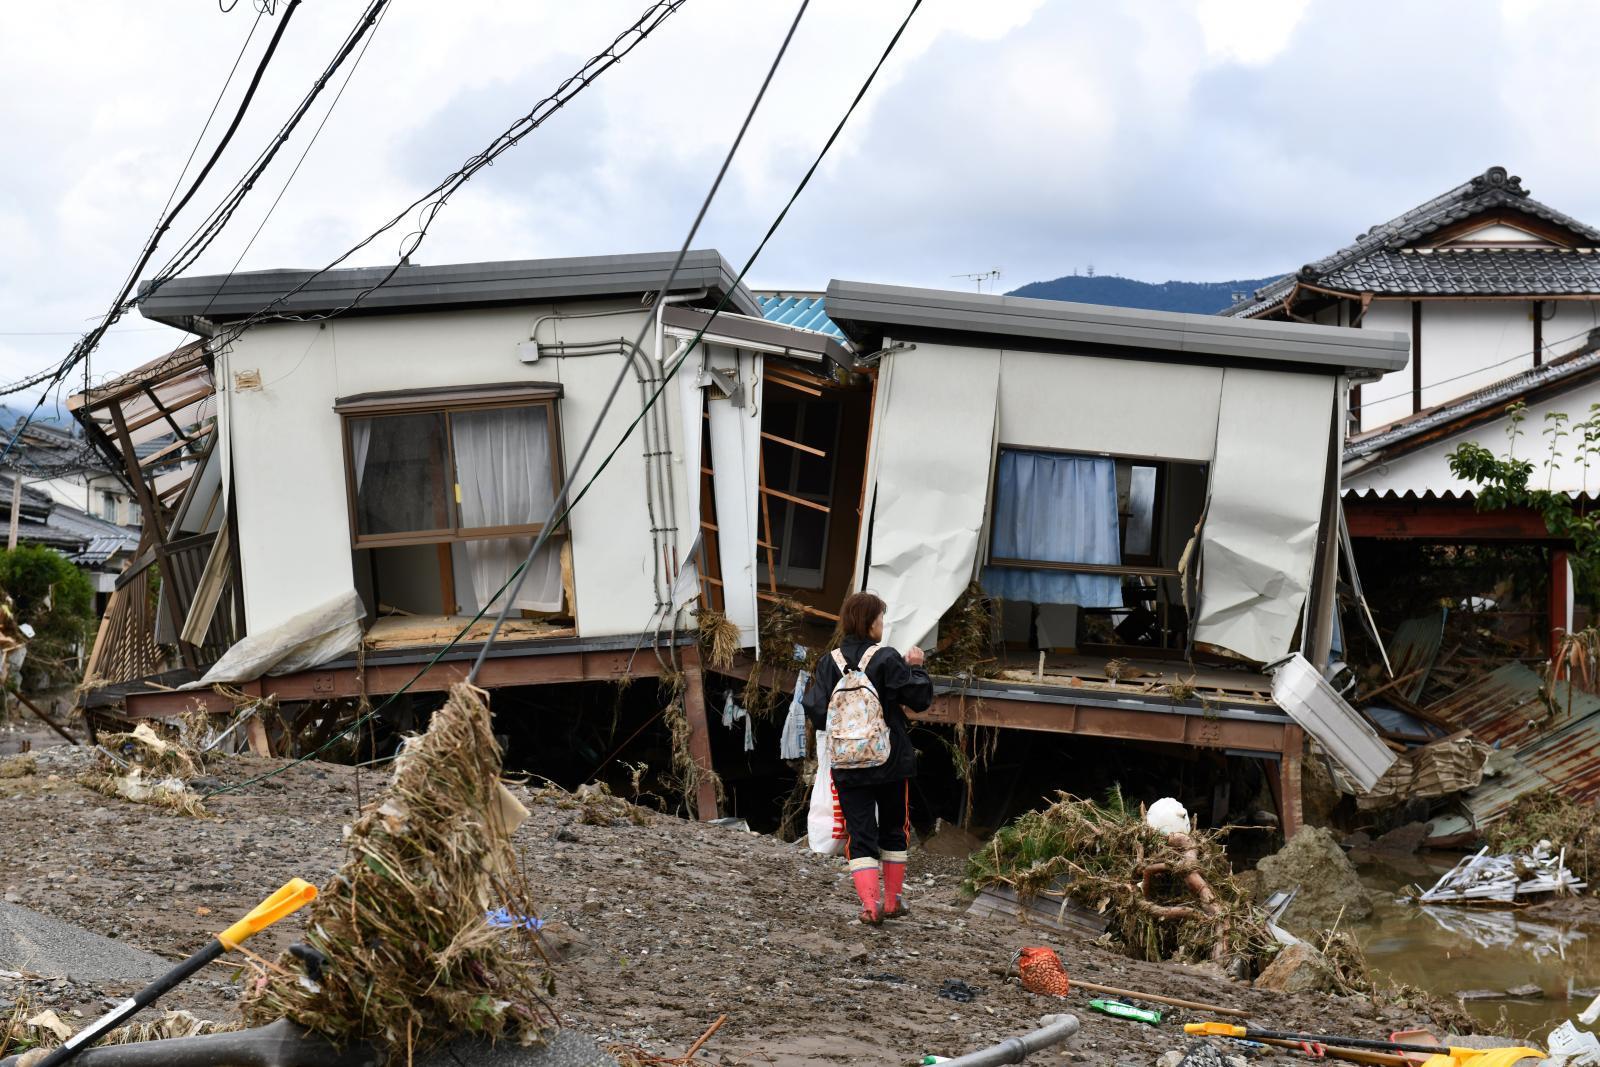 """ญี่ปุ่น เตรียมใช้งบฯสำรอง ฟื้นฟูความเสียหาย """"ฮากิบิส"""" - ยอดเสียชีวิตล่าสุด 74 คน"""